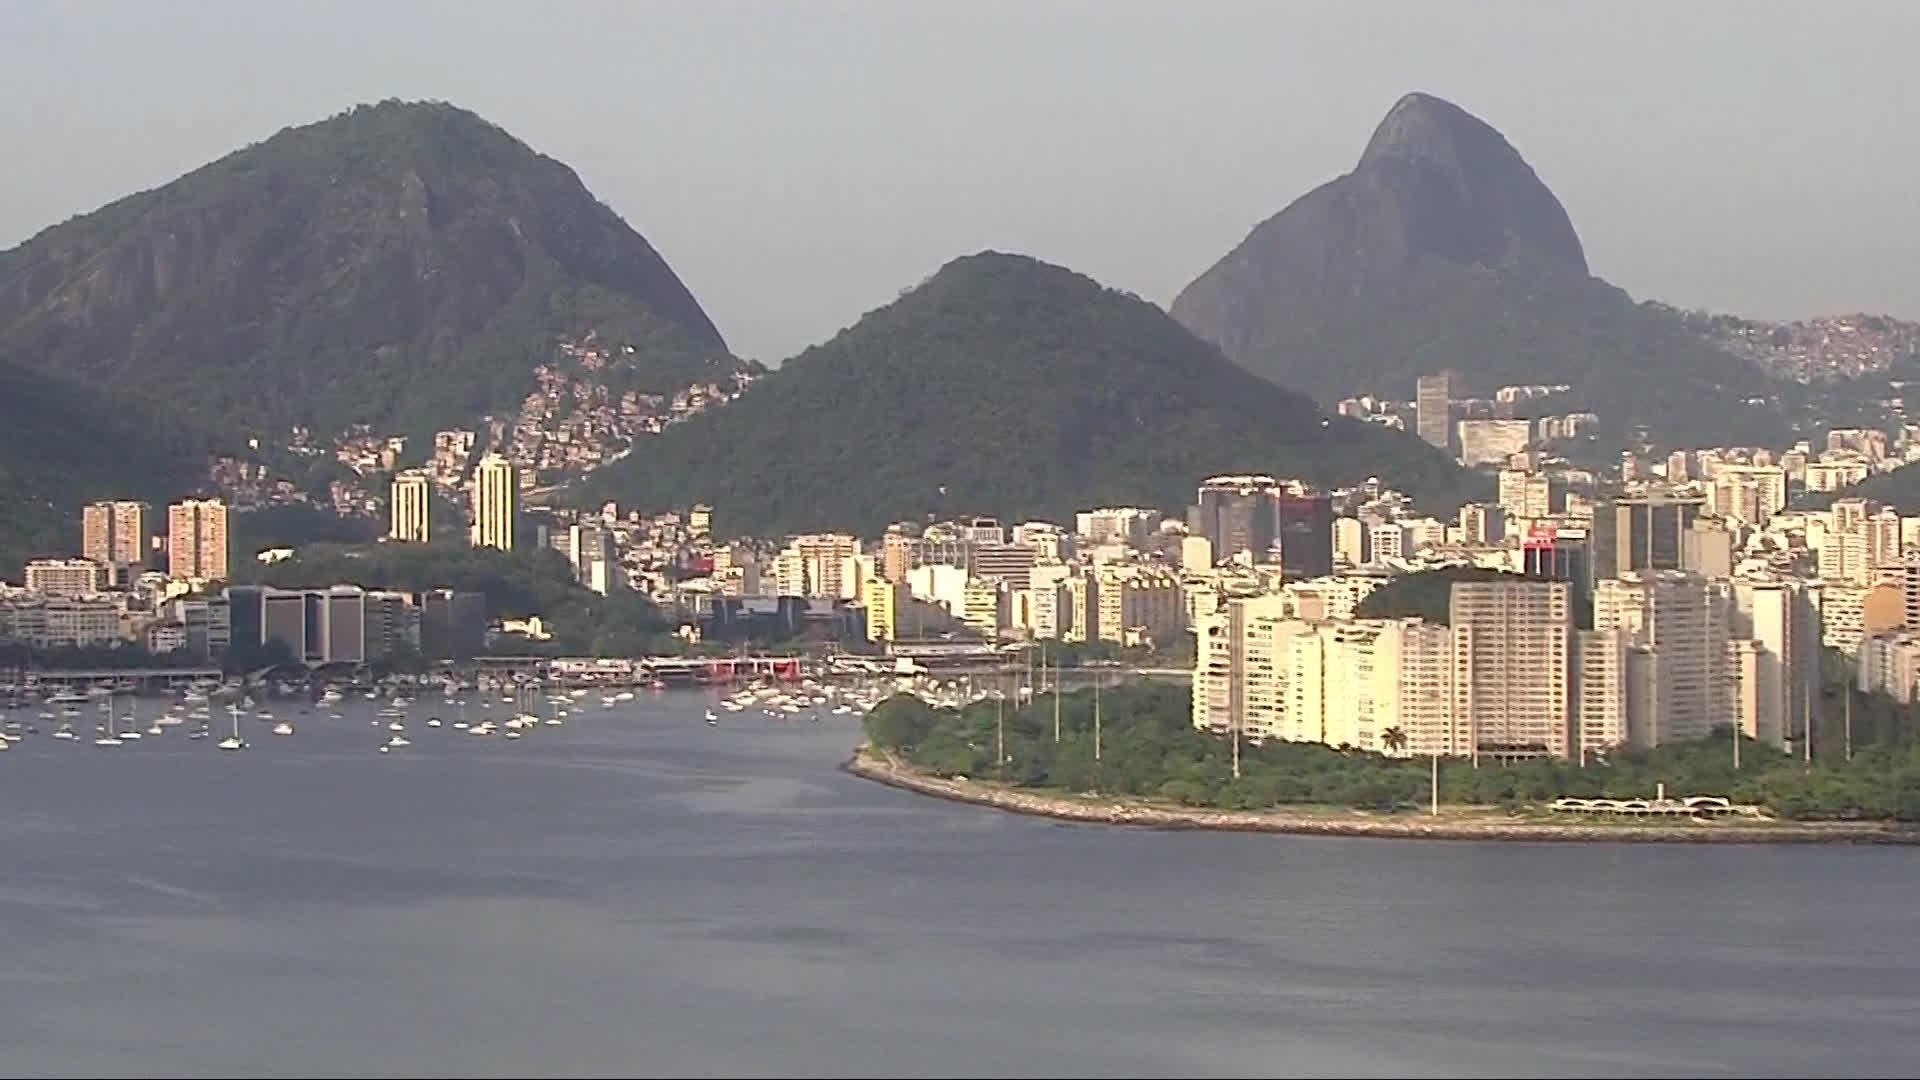 Especialistas indicam reaquecimento do mercado imobiliário no Rio  - Notícias - Plantão Diário